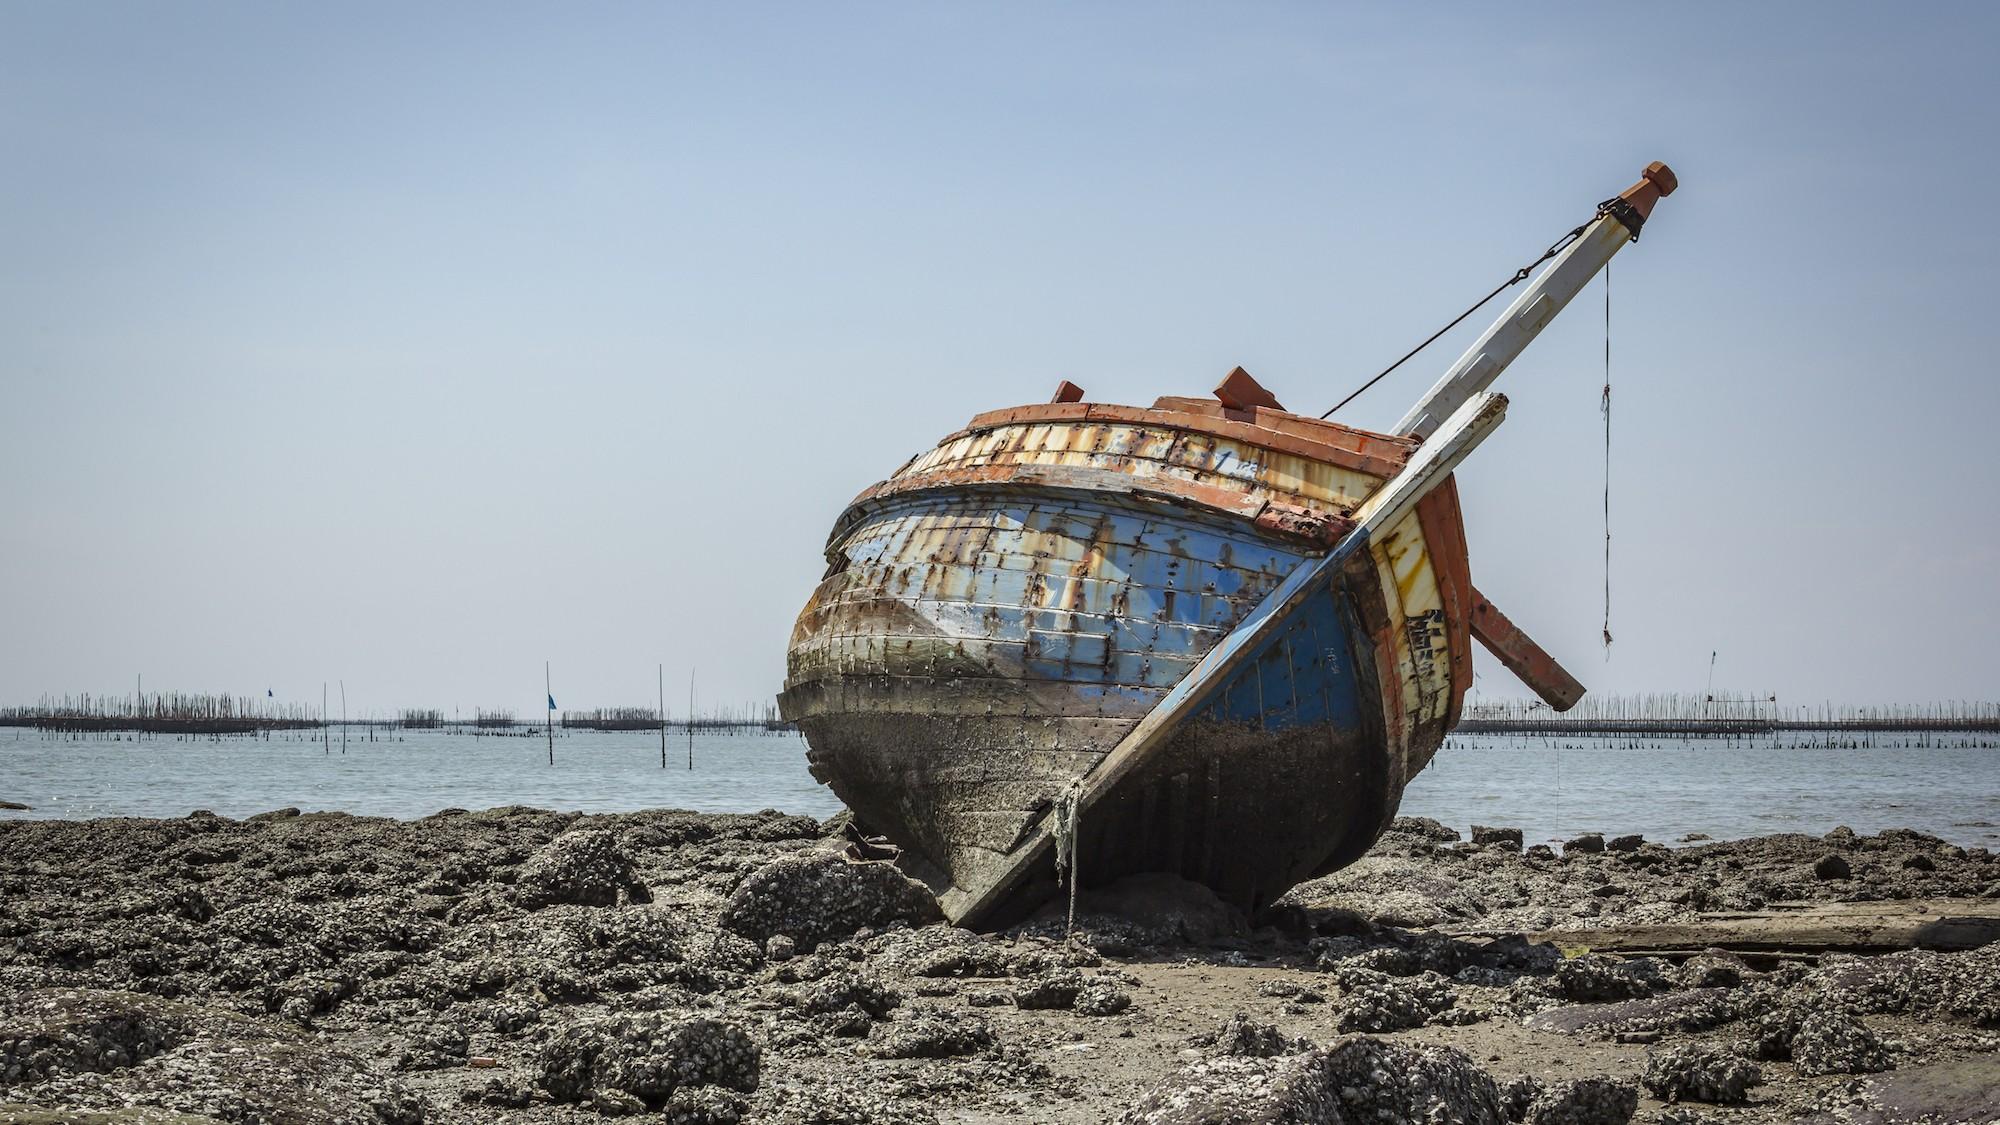 Kapal Penuh Kokain Senilai Rp530 Miliar Hilang secara Misterius, Jejaknya pun Tak Ditemukan